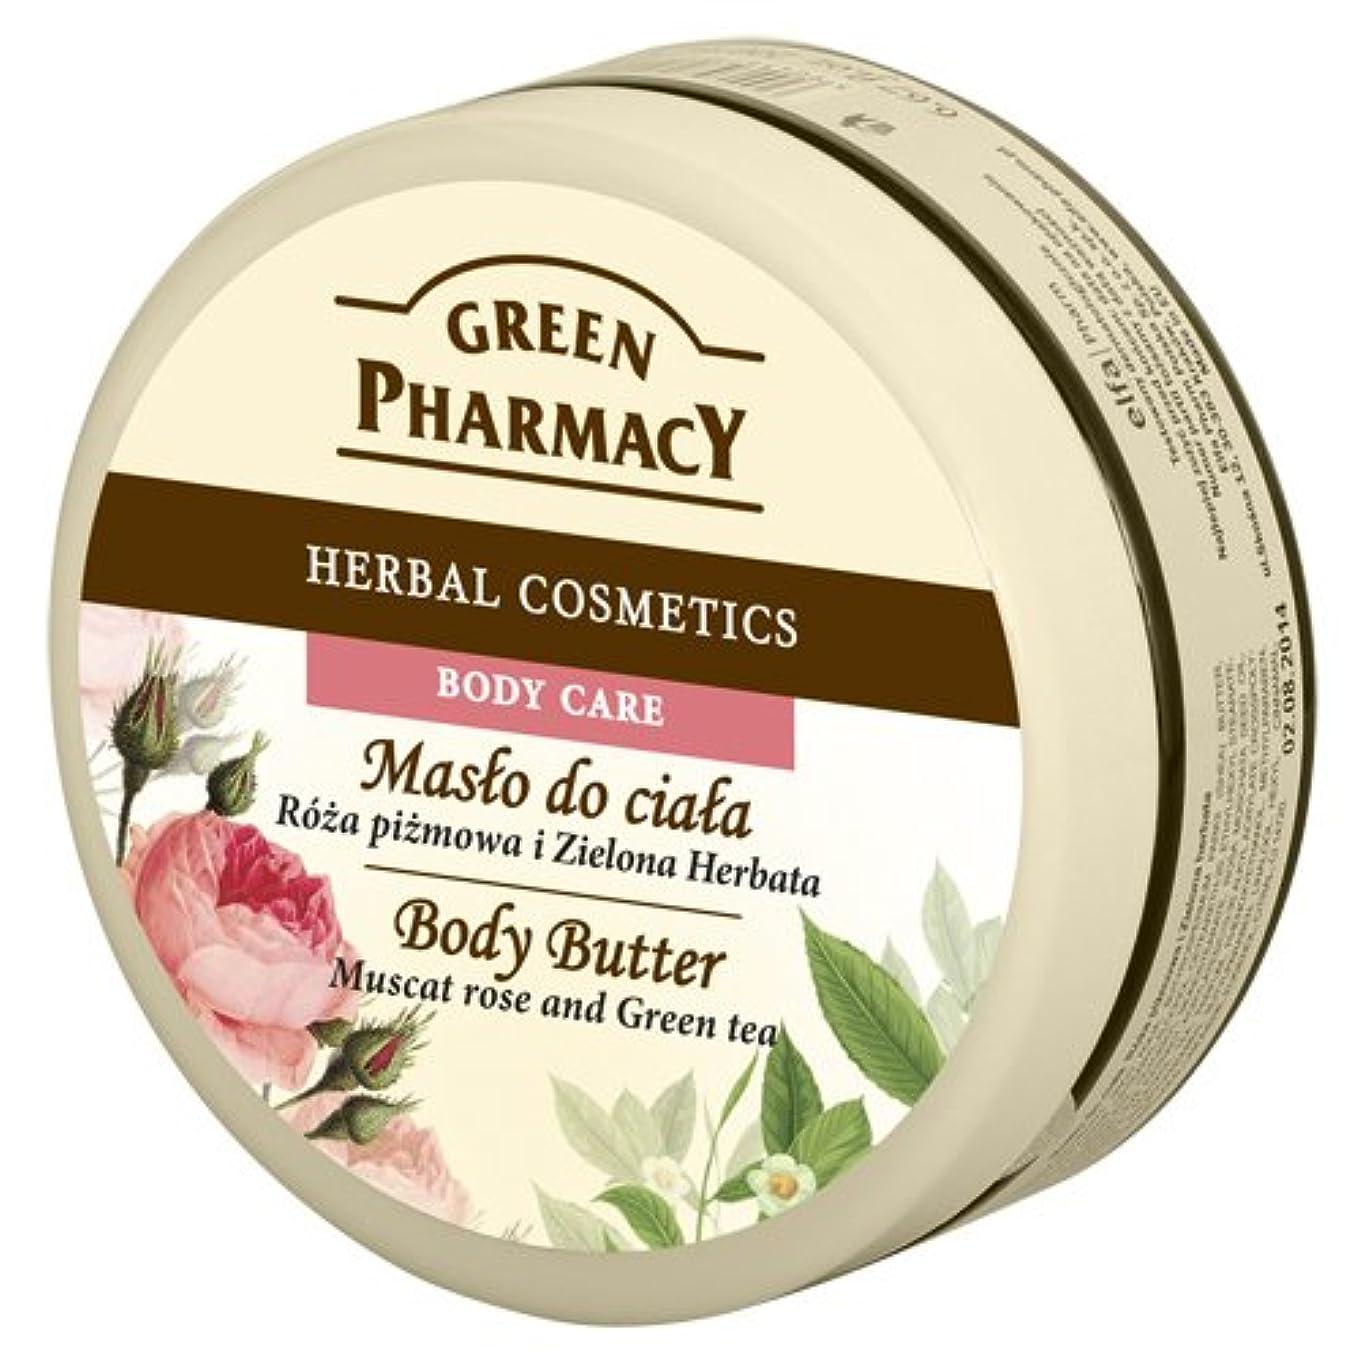 移植番目ほかにElfa Pharm Green Pharmacy グリーンファーマシー Body Butter ボディバター Muscat Rose and Green Tea